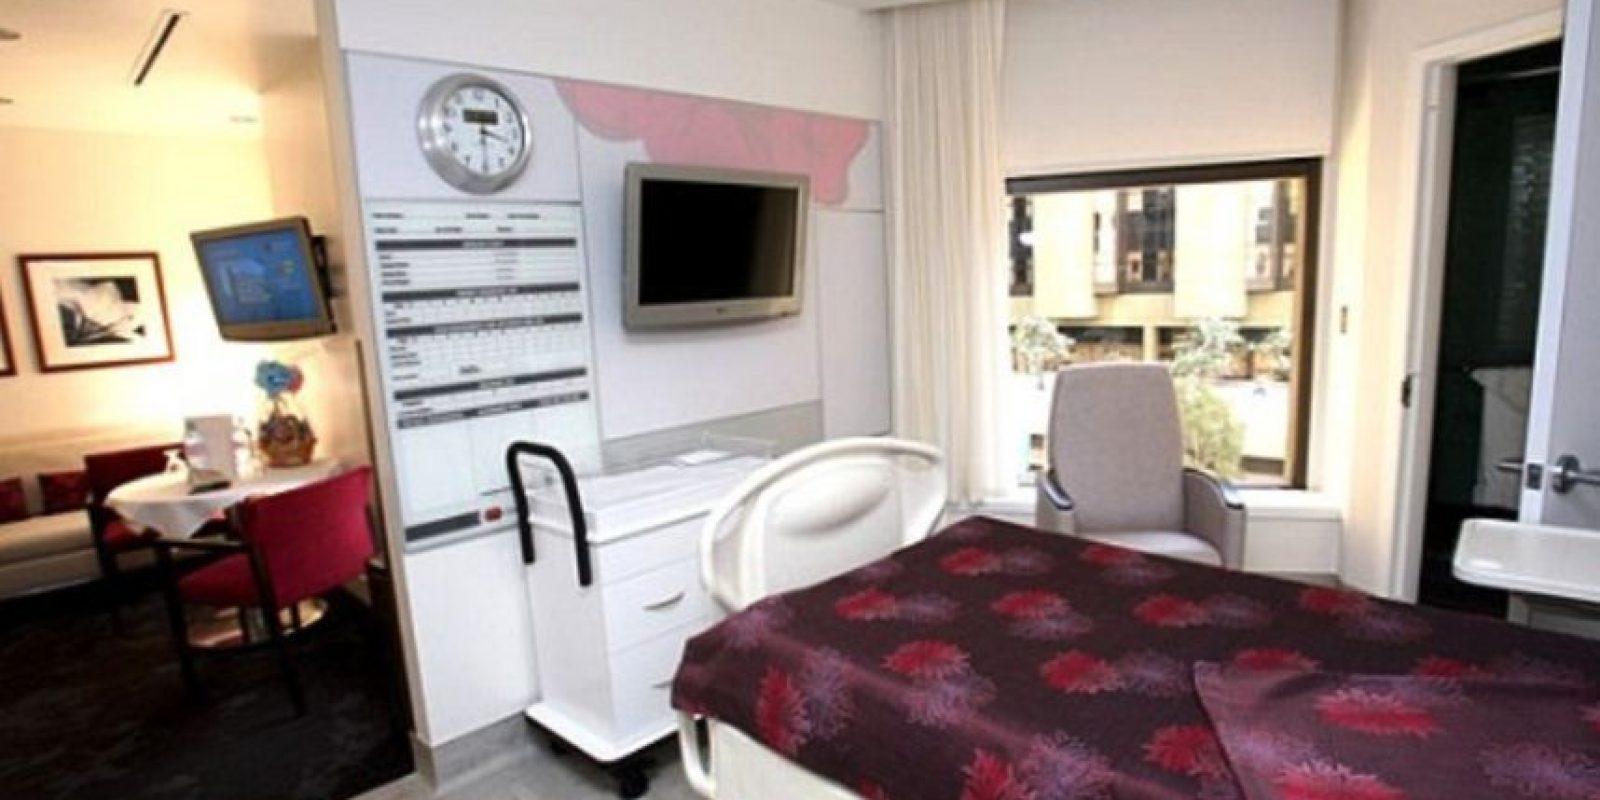 Este lugar ofrece suites con dos baños, una habitación para el paciente y otra para sus huéspedes, así como una sala con comedor, televisión y servicio de comida. Foto:Cedars-Sinai Medical Center